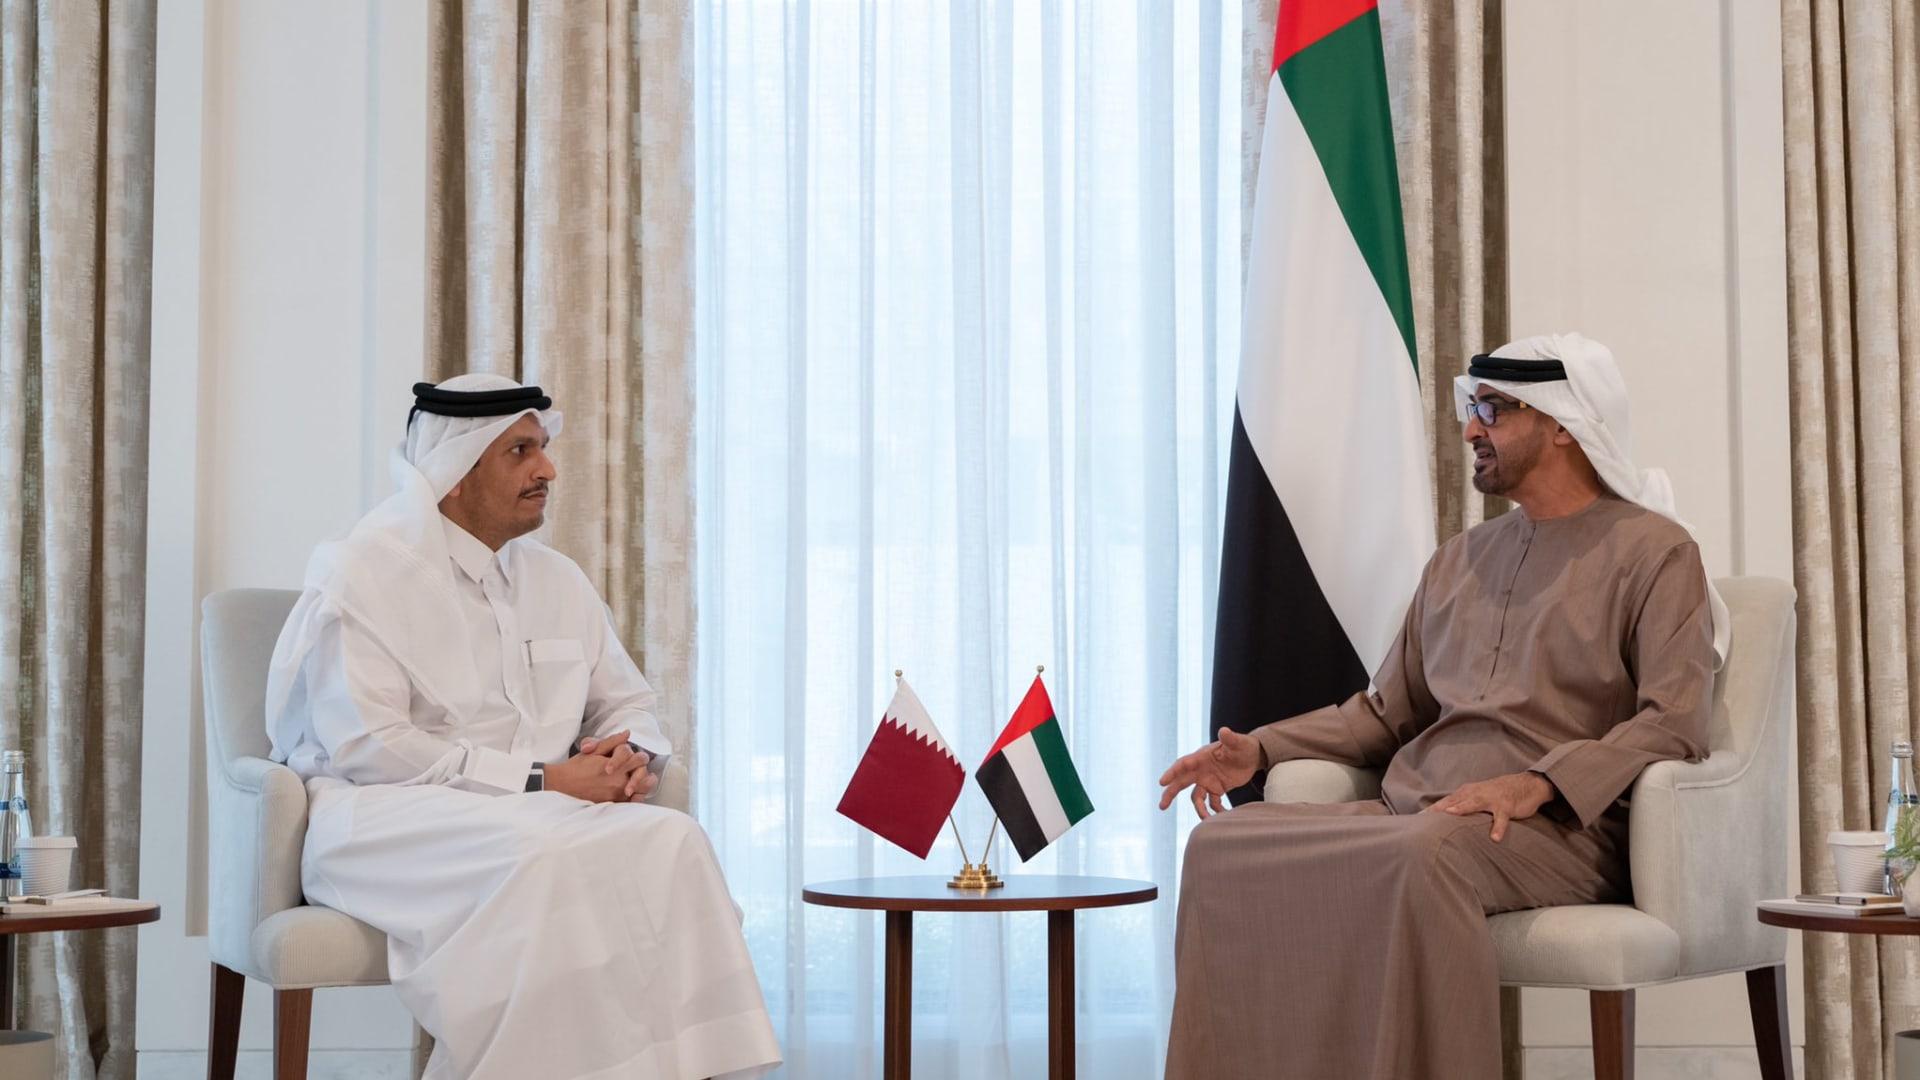 محمد بن زايد يستقبل وزير خارجية قطر